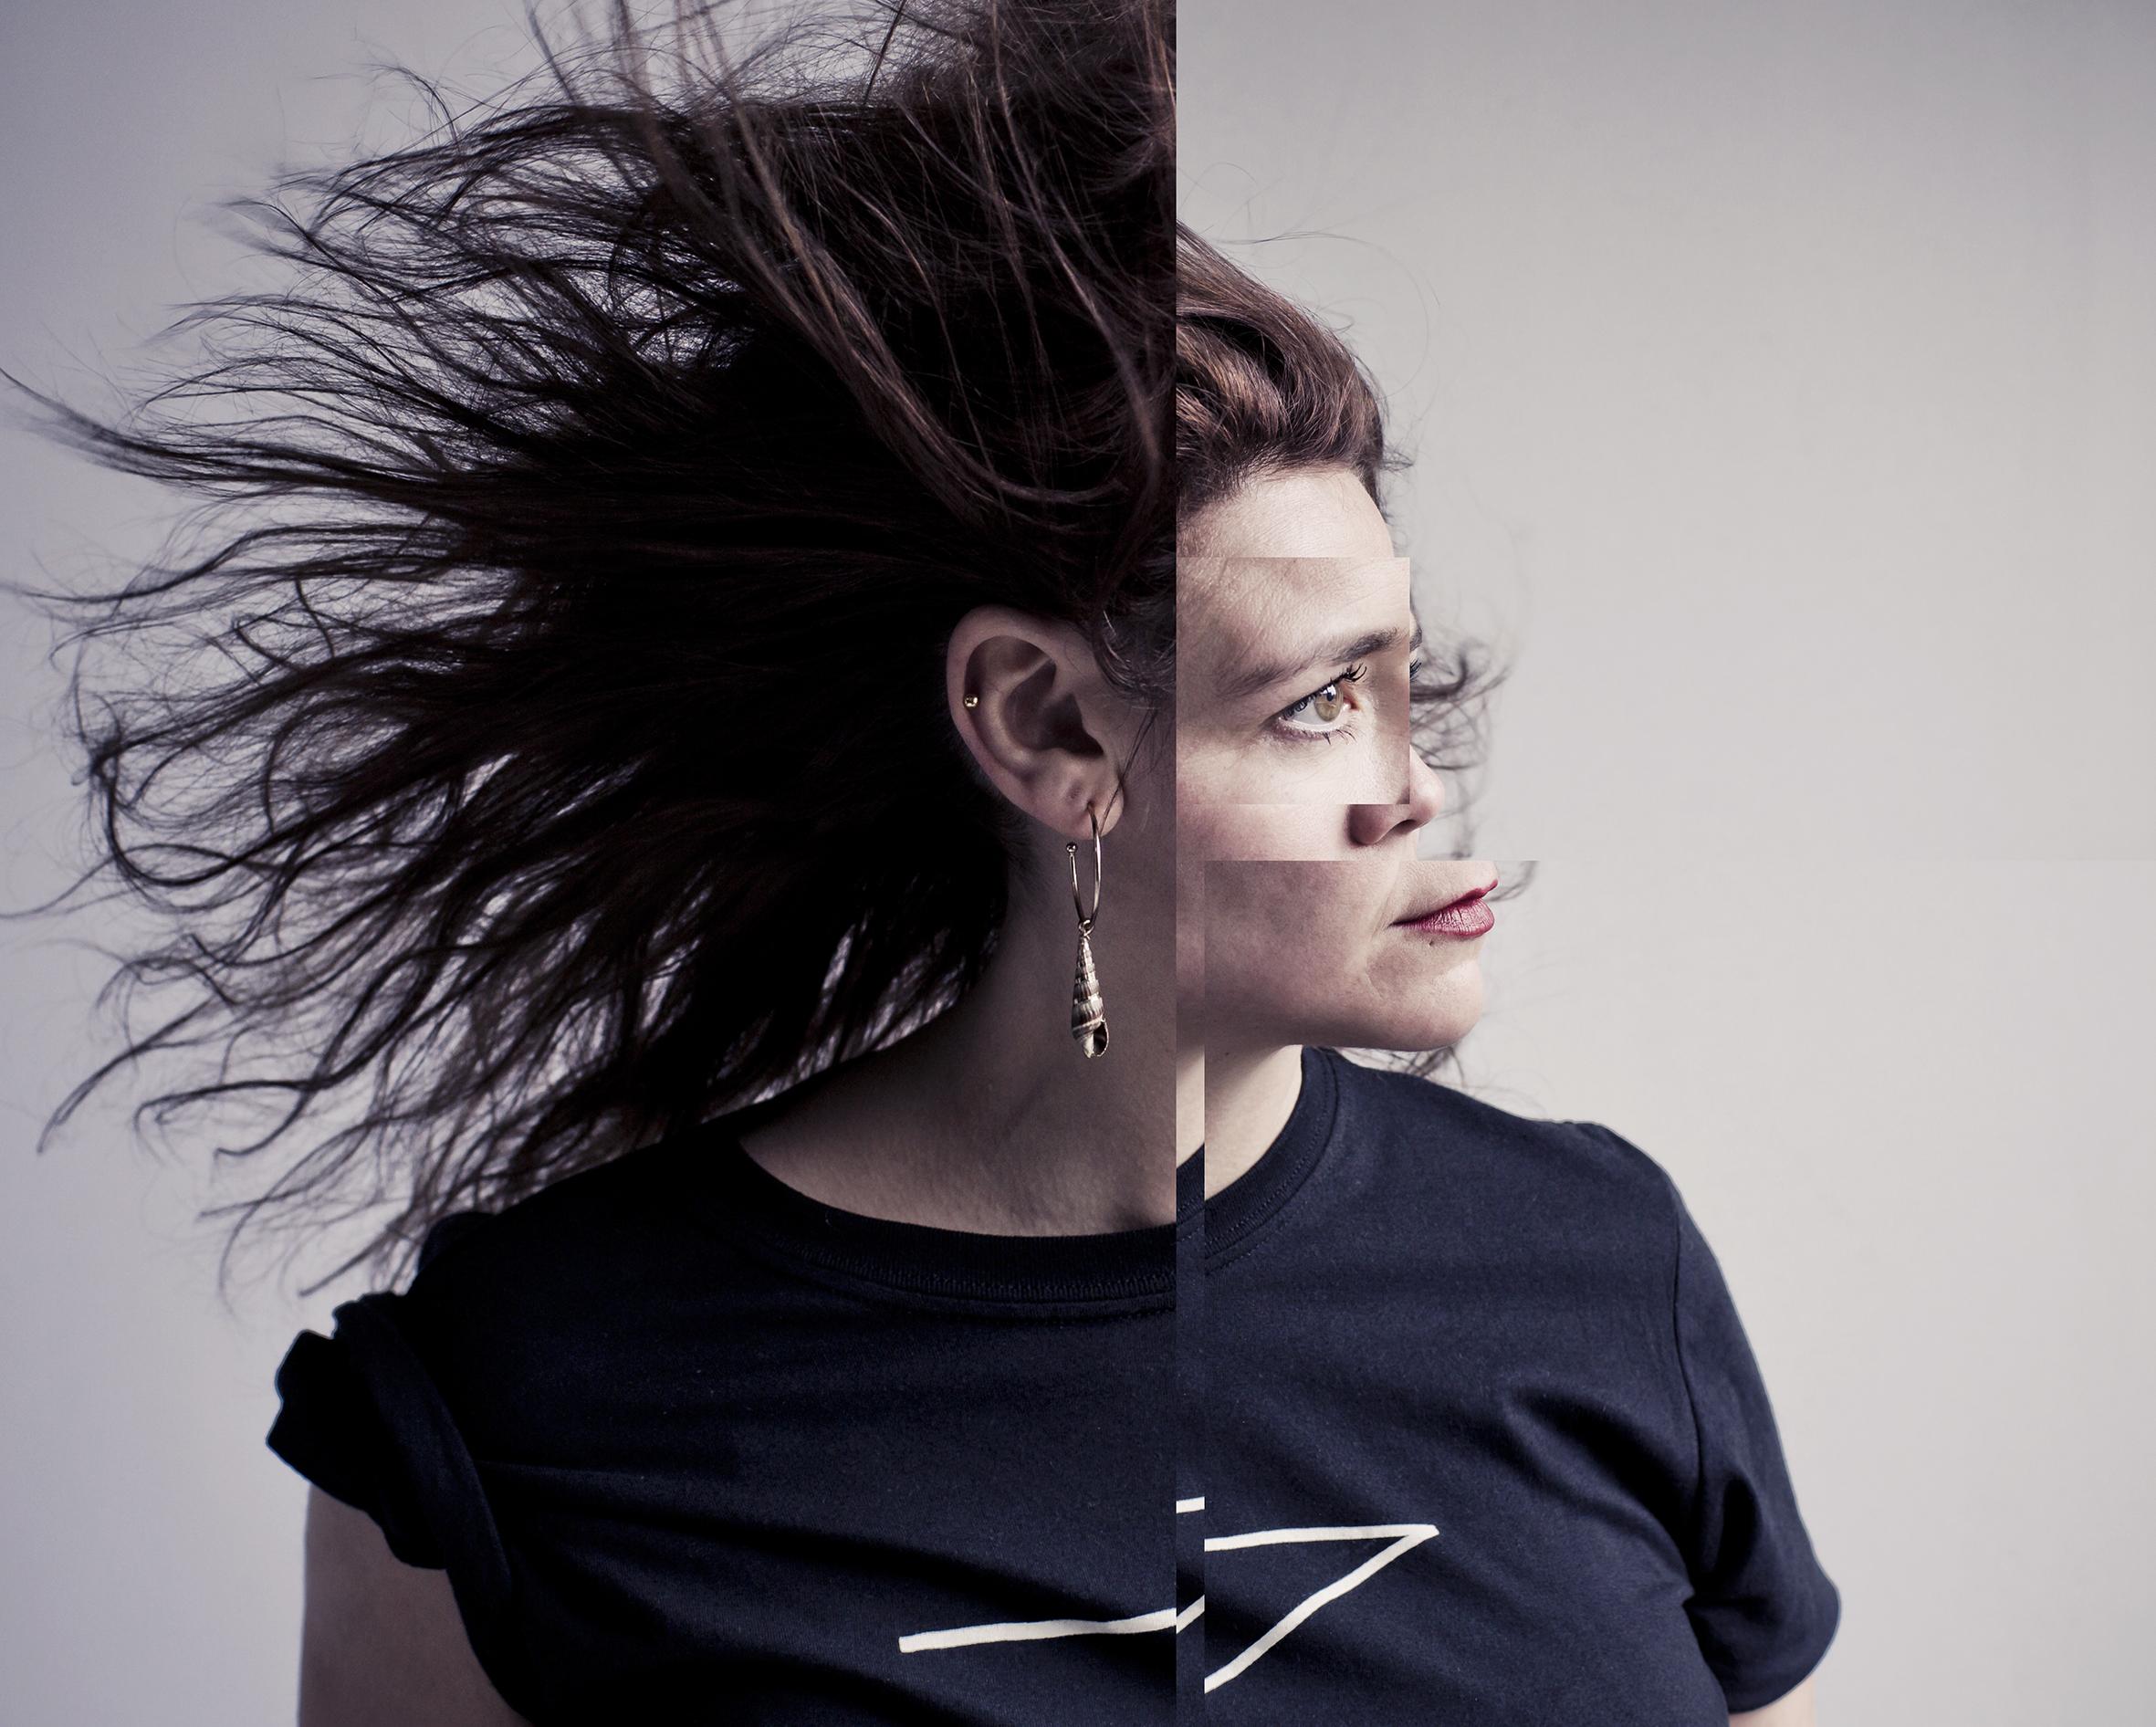 Anna Marín